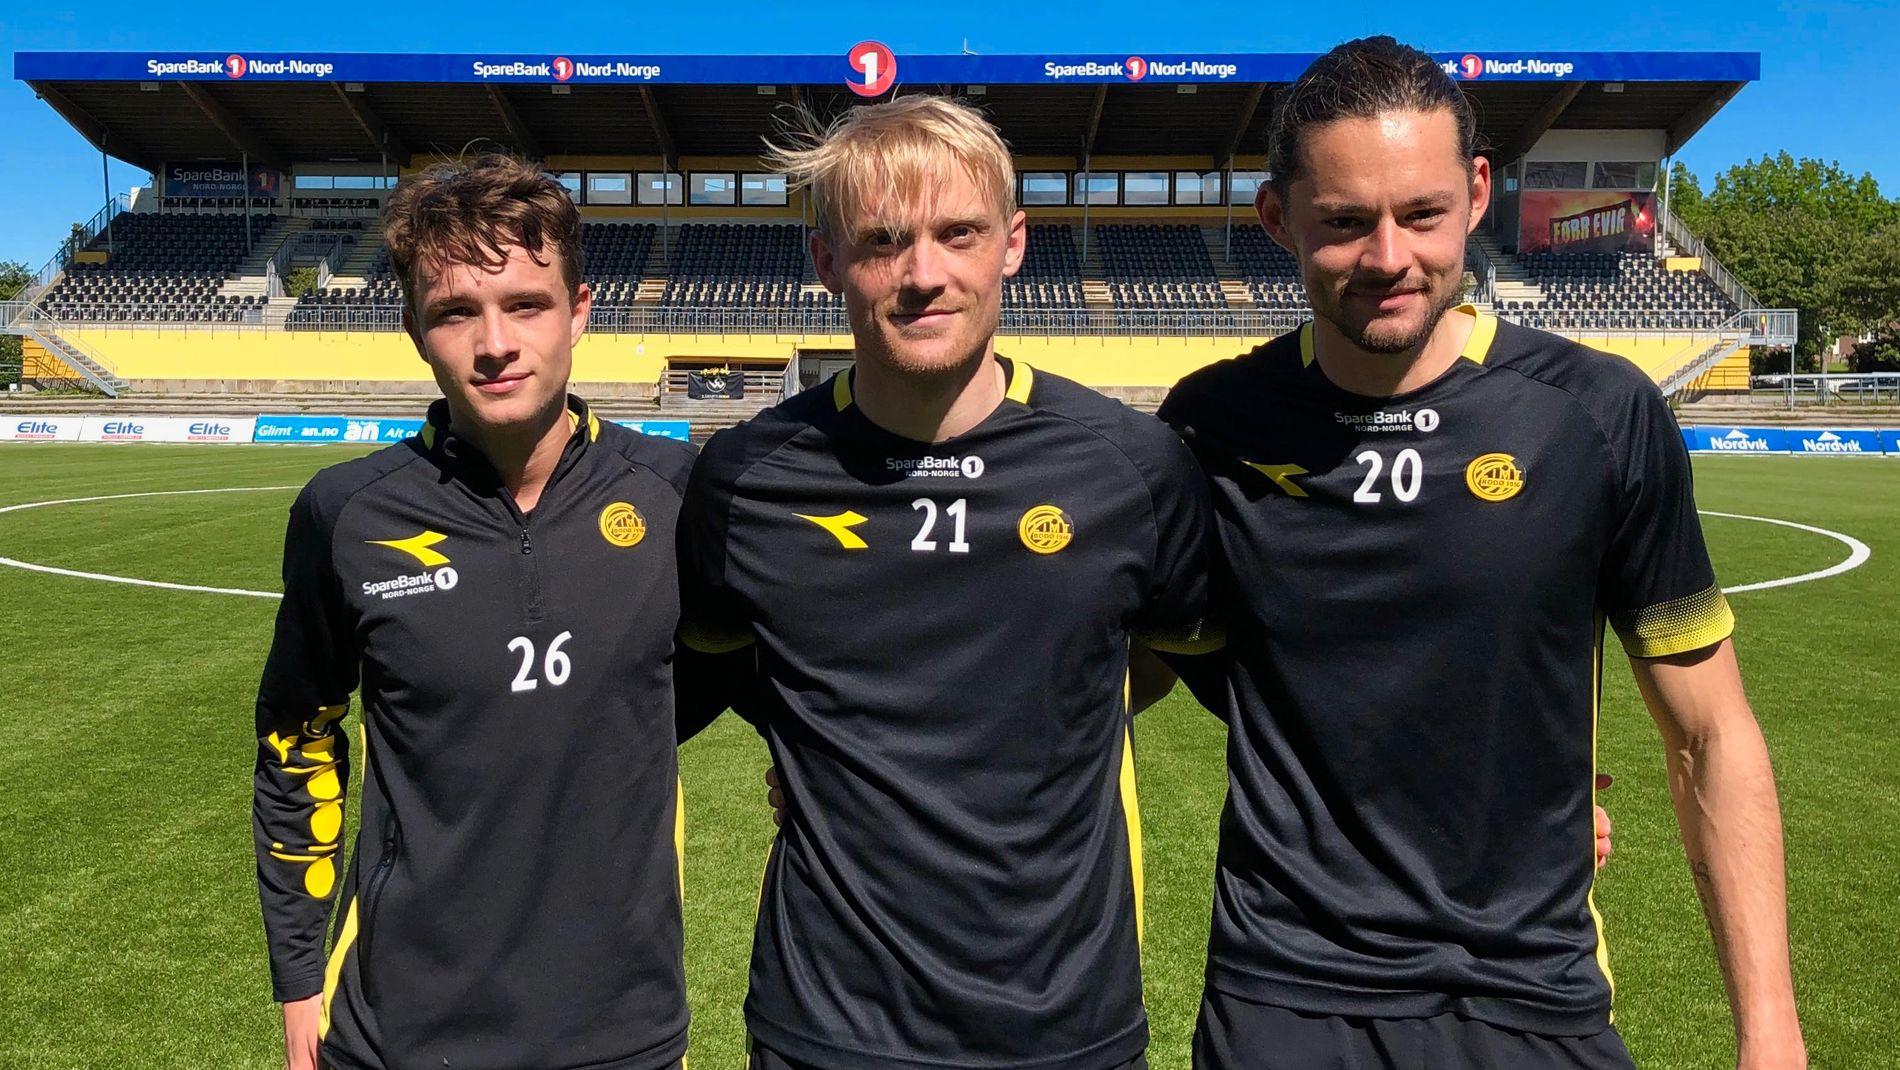 ASPMYRAS KONGER: Håkon Evjen (til venstre), Geir André Herrem og Amor Layouni har hatt en svært god start på sesongen. Fredag venter Vålerenga i Oslo.